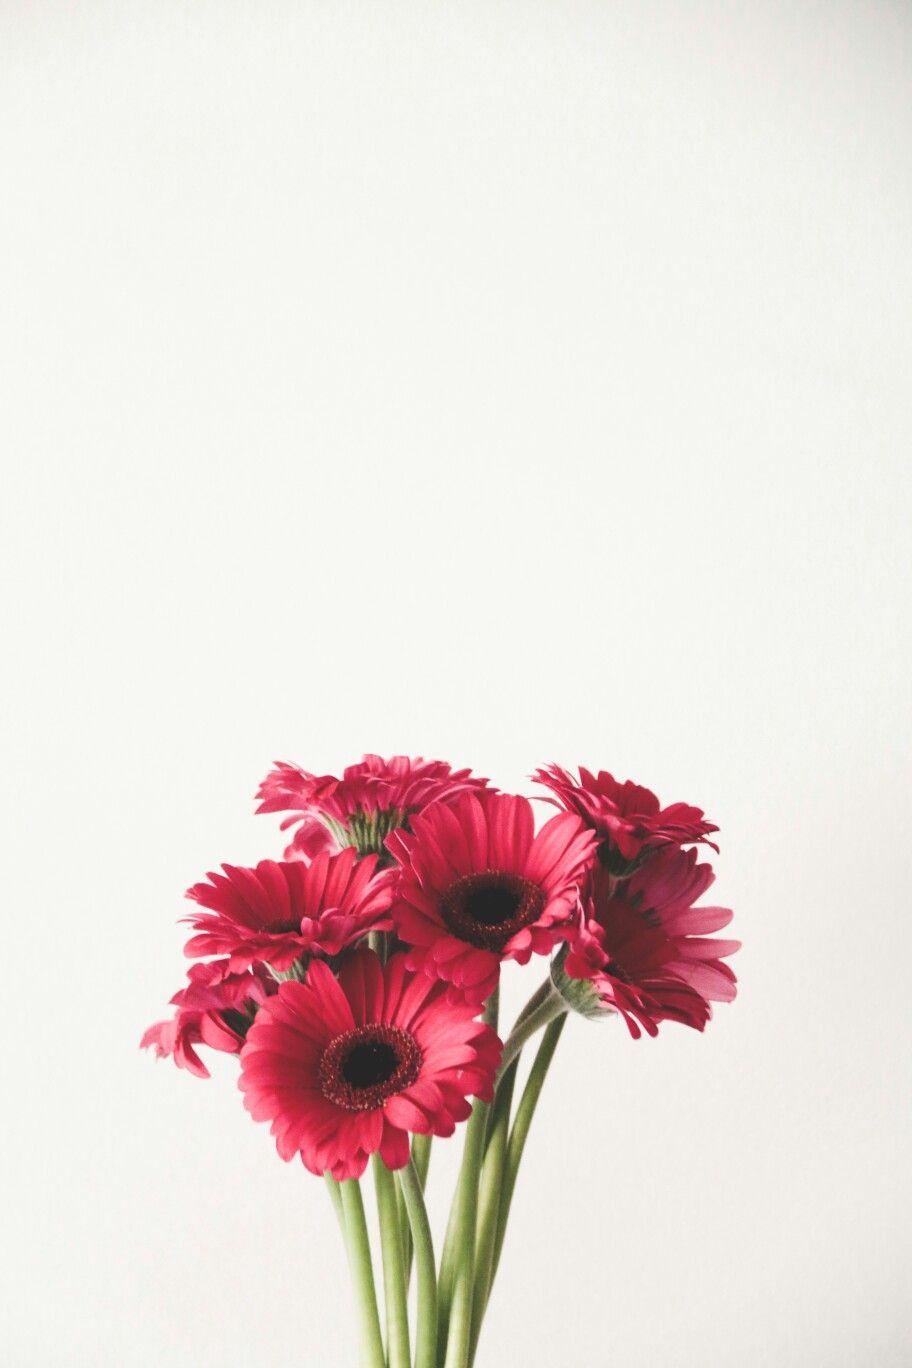 Abbigrace Co Simplified Flowers Dengan Gambar Poster Bunga Bunga Daisy Bunga